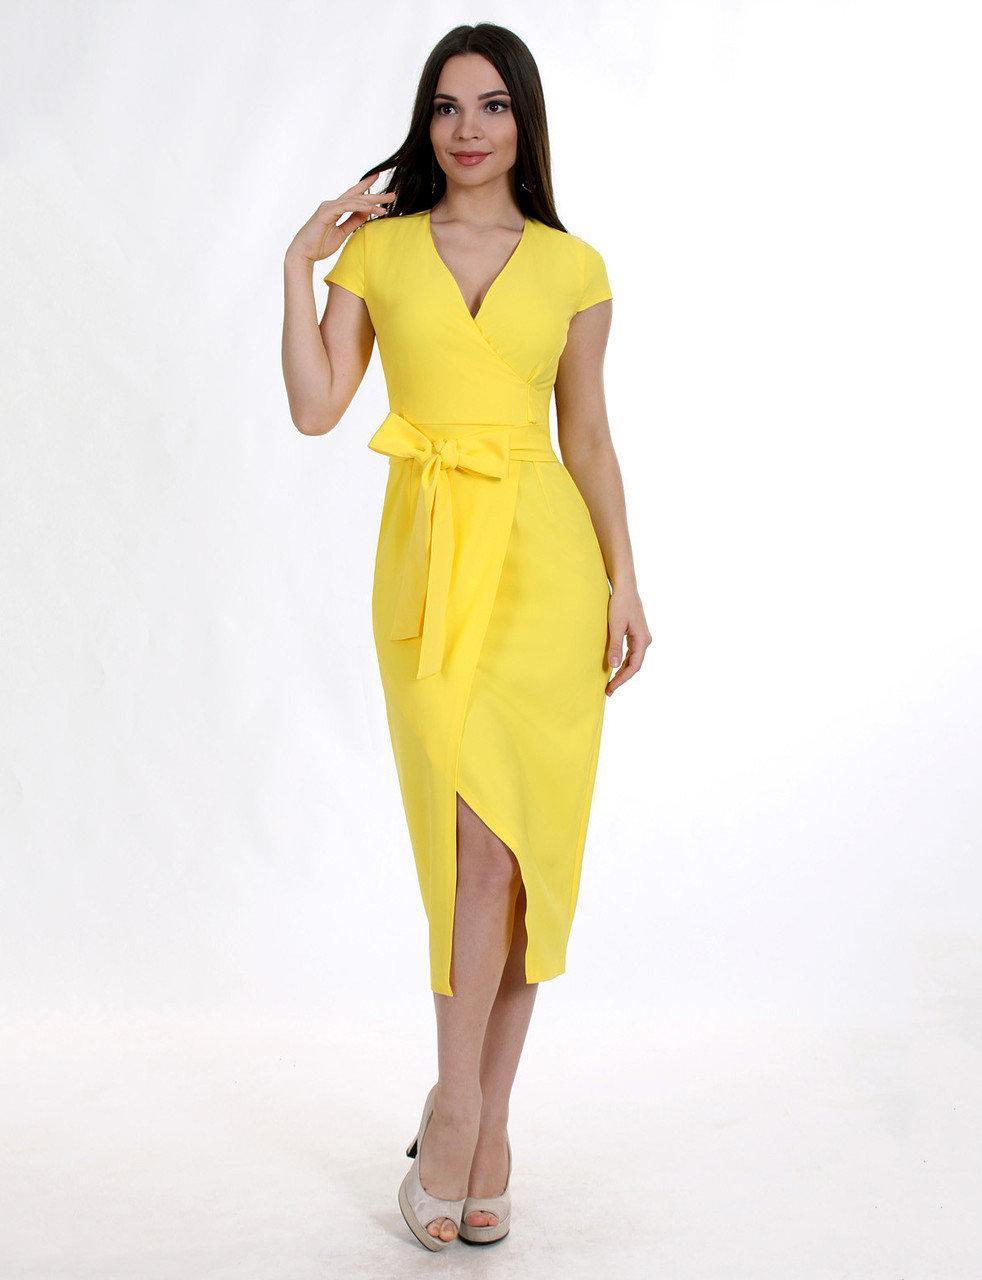 d17c1d34529a57 Плаття лимон Modna KAZKA купить в Украине недорого - интернет ...